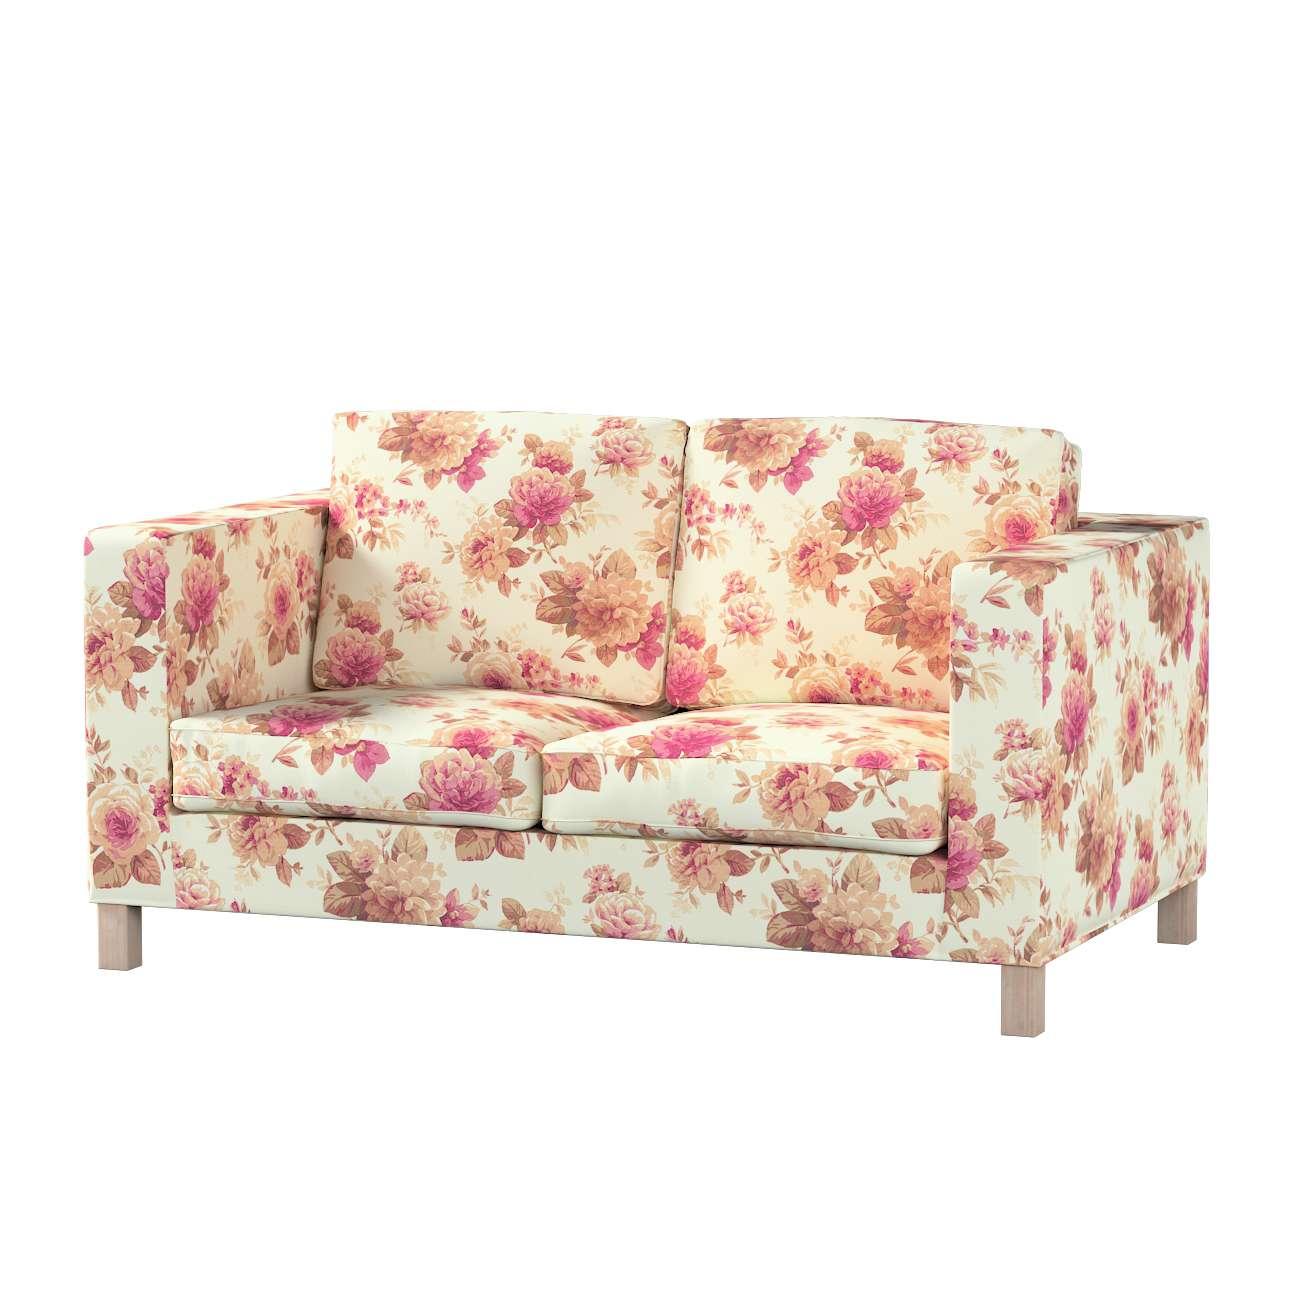 Pokrowiec na sofę Karlanda 2-osobową nierozkładaną, krótki Sofa Karlanda 2-os w kolekcji Mirella, tkanina: 141-06